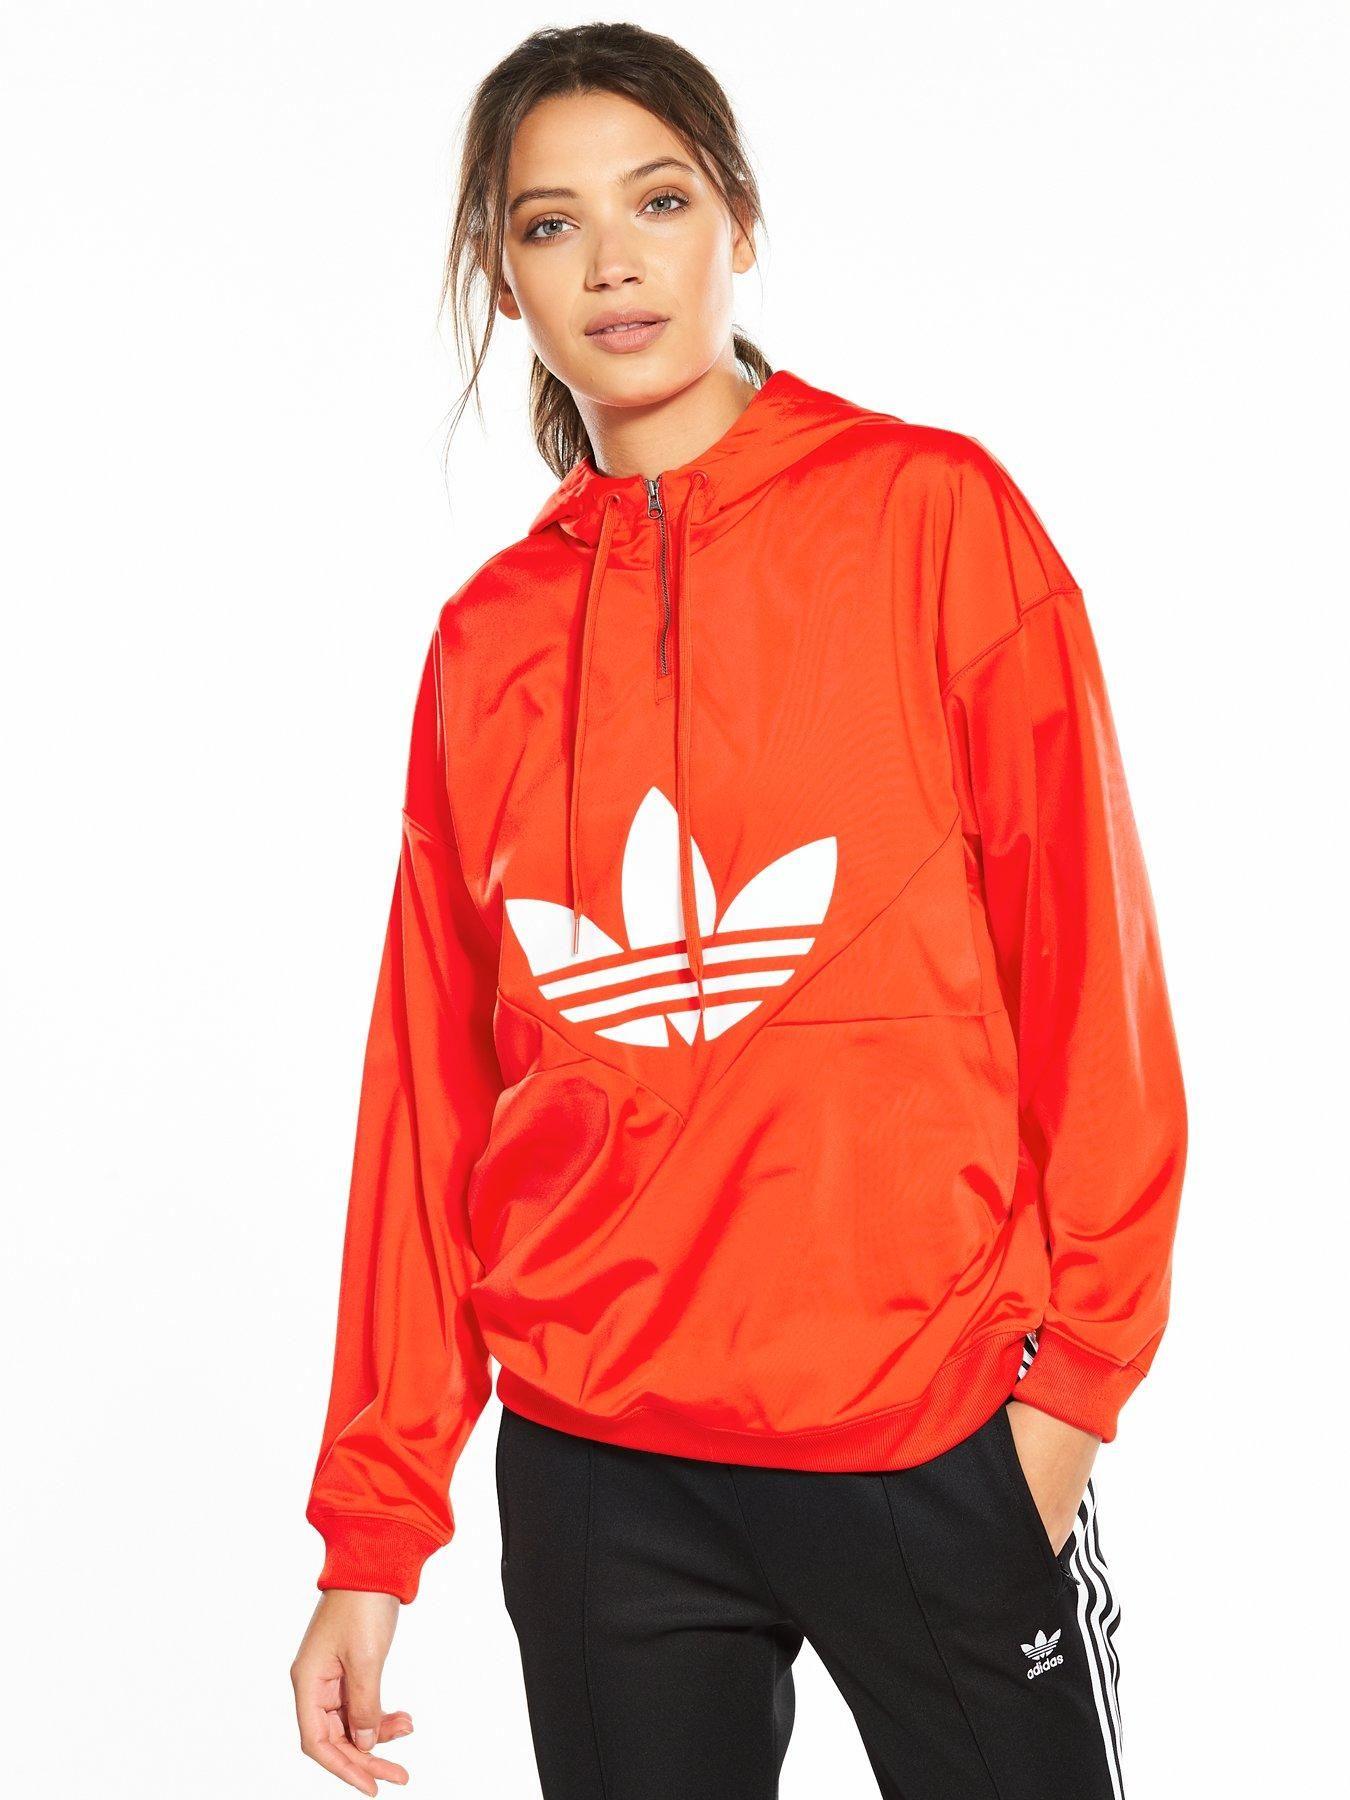 ce6ad96969a6 adidas Originals Originals Colorado 1 4 Zip Hoodie - Orange